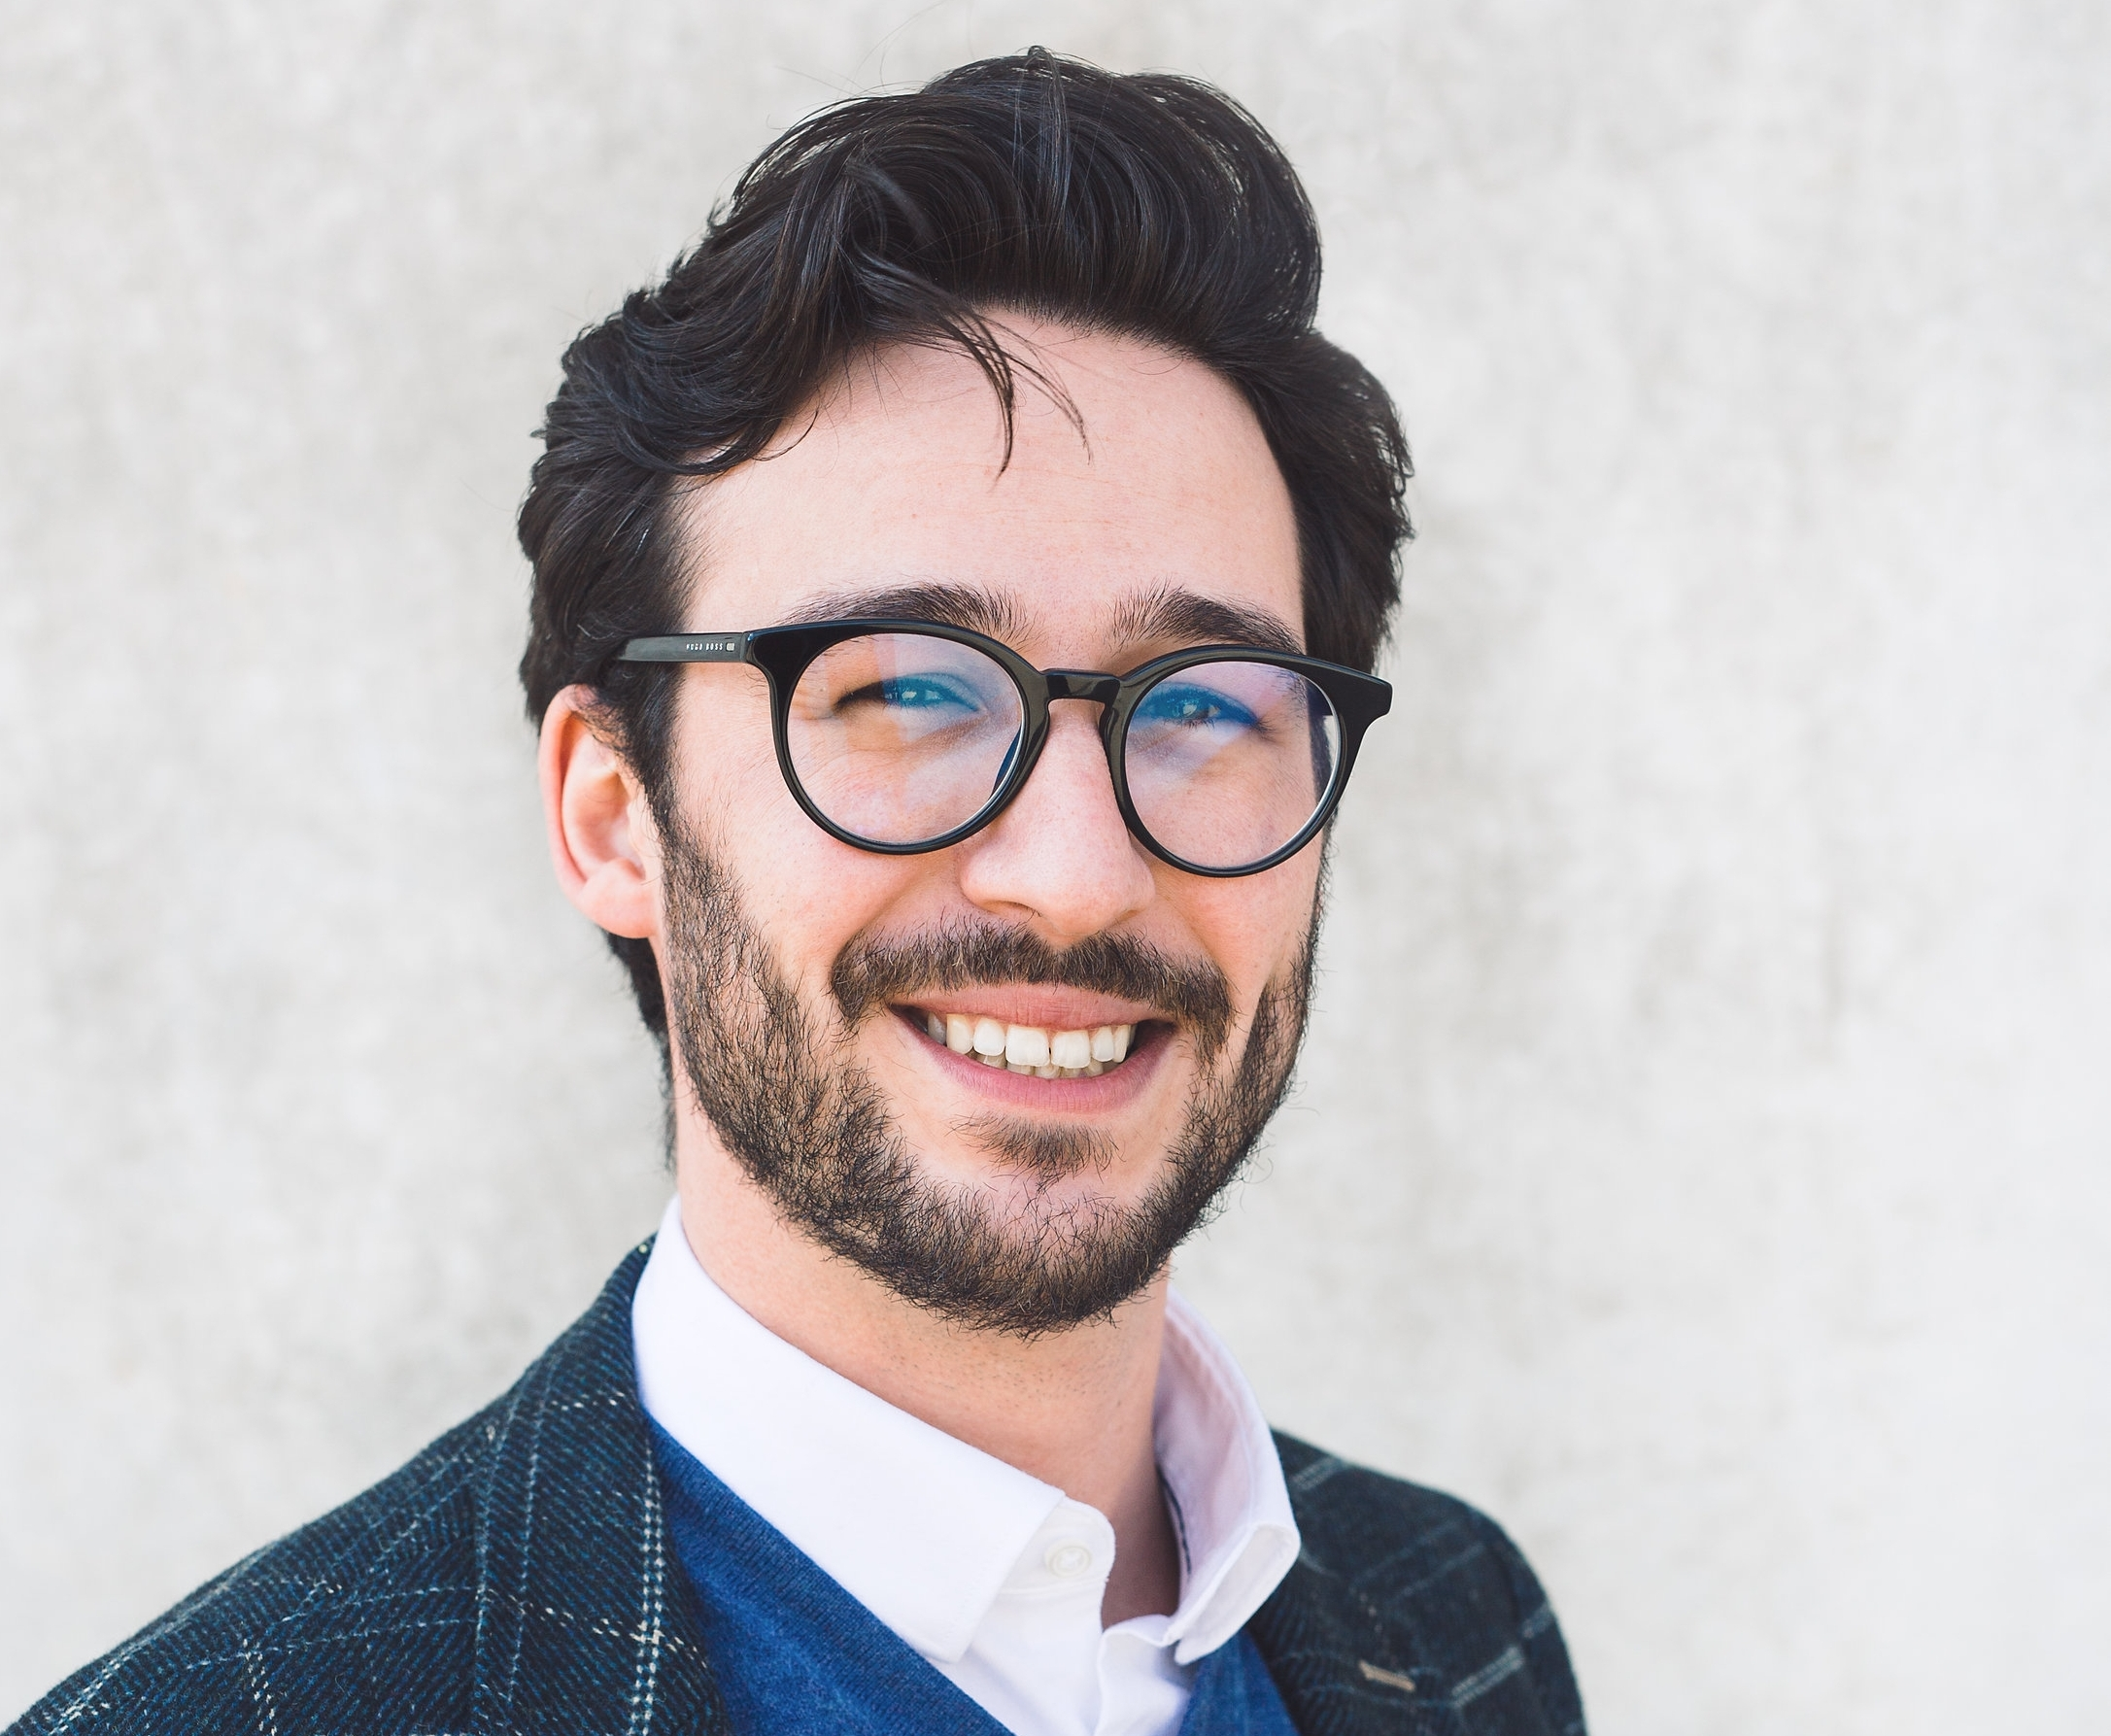 Maximilian Kranz - Maximilian Kranz ist Personalberater bei der Ärztevermittlungsagentur doctari Schweiz mit dem Sitz in Allschwil (Basel). Nach seinem Studium der Politikwissenschaften ist er seit 2017 bei doctari tätig und zuständig für den Bereich Stellenberatung/Vermittlung in Schweizer Kliniken.